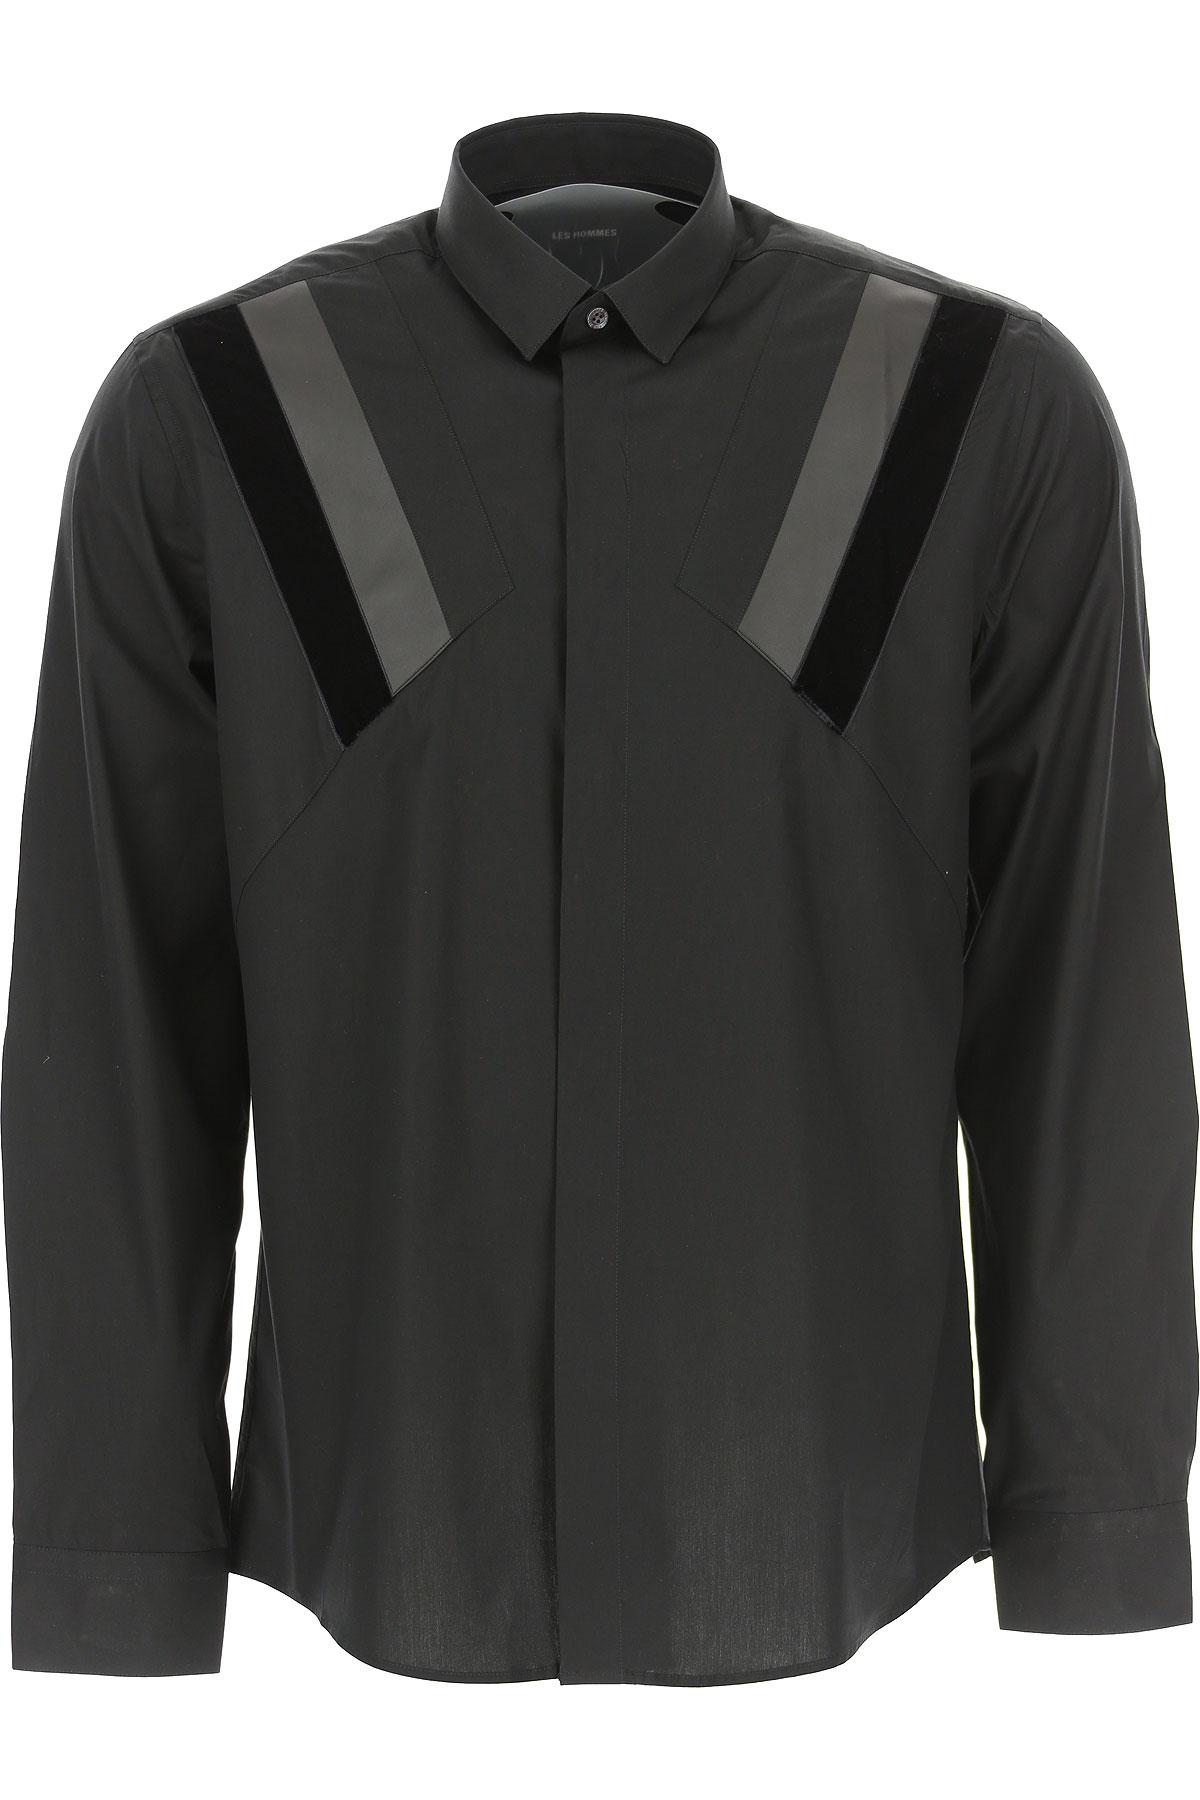 Les Hommes Shirt for Men On Sale, Black, Cotton, 2019, L M XL